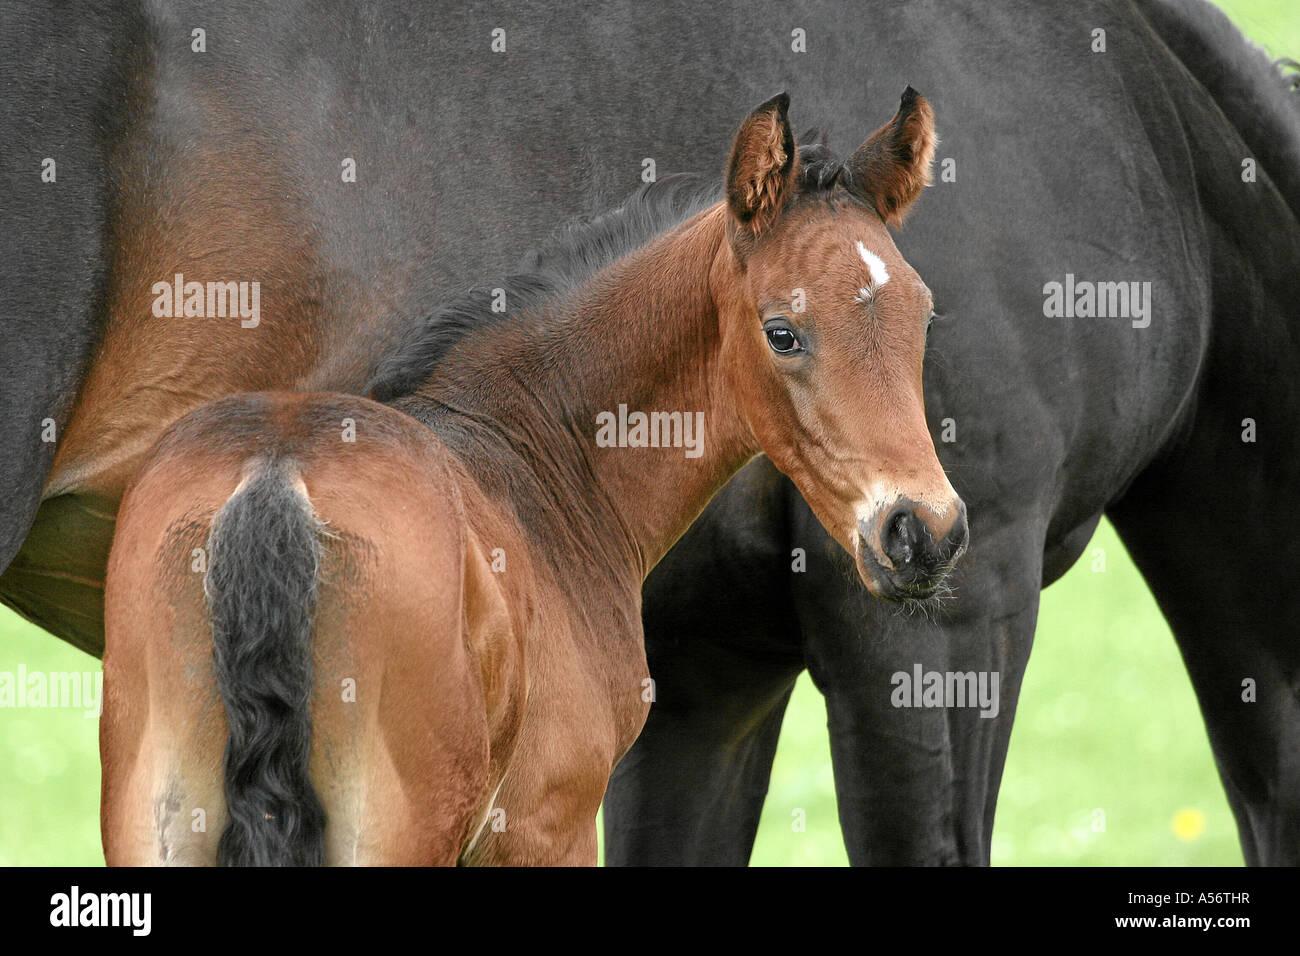 Deutsches Warmblut Fohlen braun German warm blooded Foal brown 2 months old - Stock Image